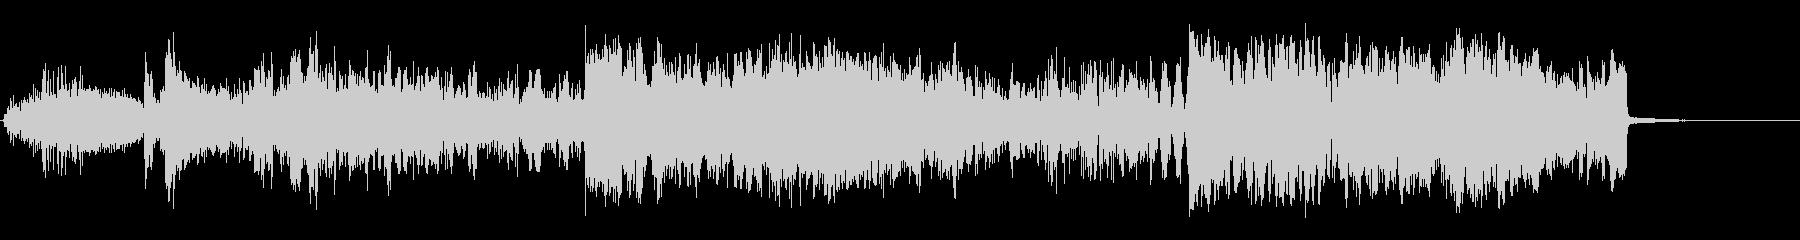 並置の未再生の波形